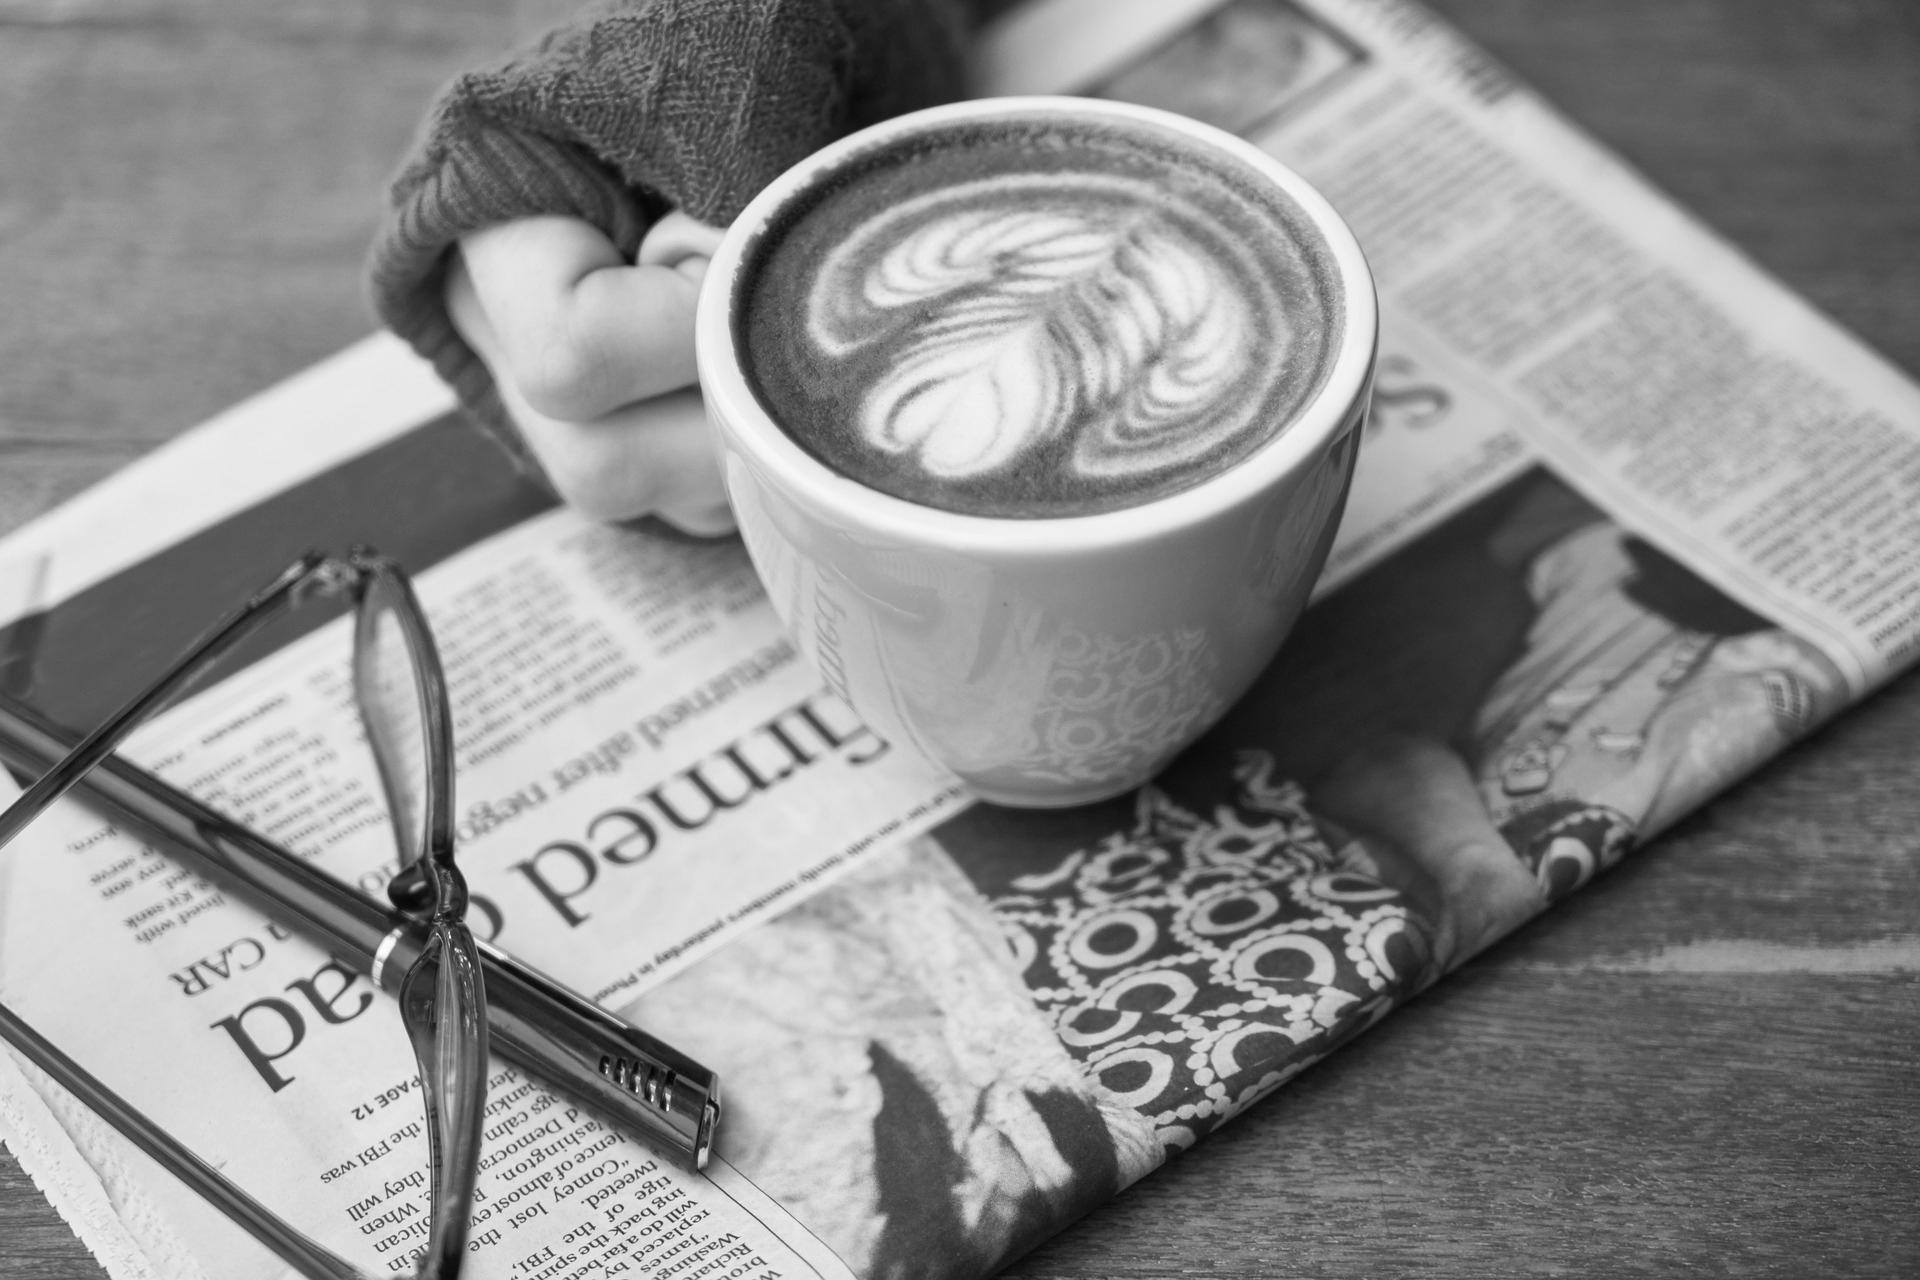 coffee-2333325_1920_edited.jpeg